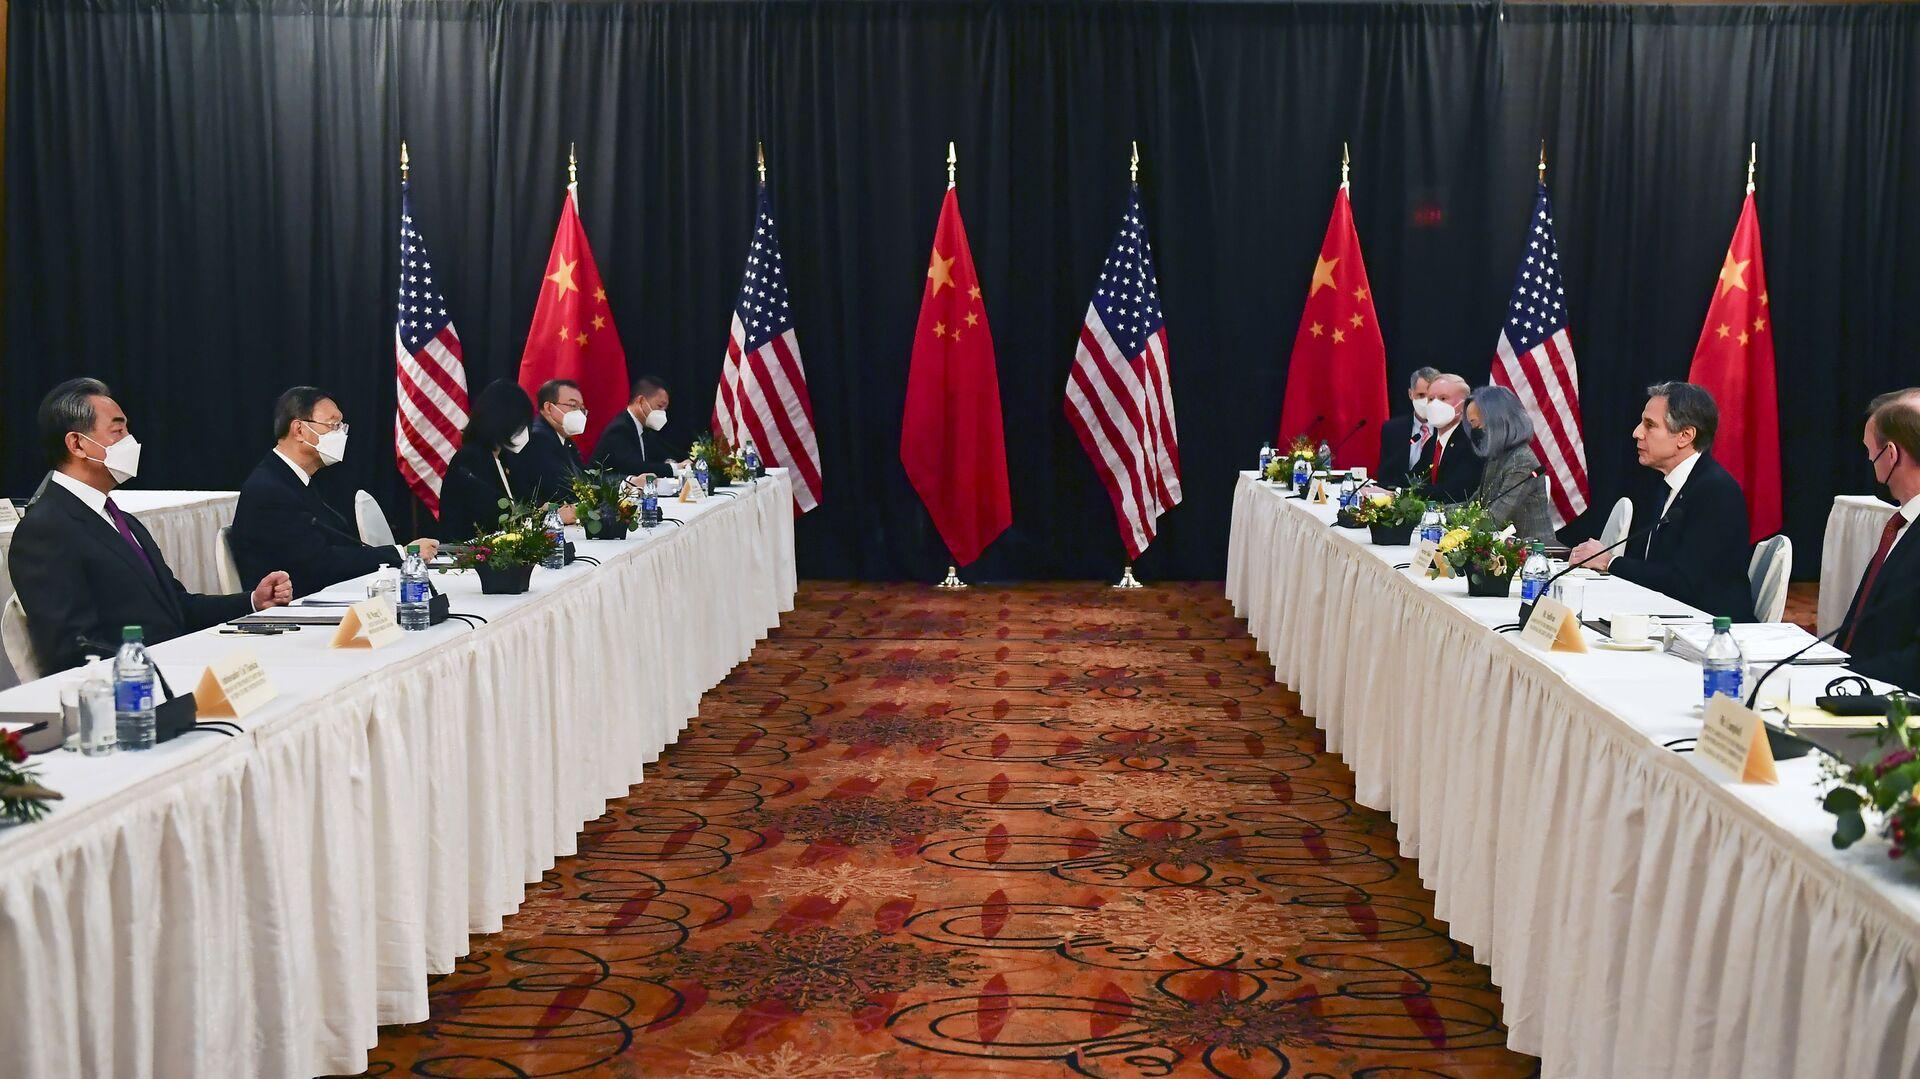 Sastanak delegacija Kine i SAD na Aljasci - Sputnik Srbija, 1920, 12.09.2021